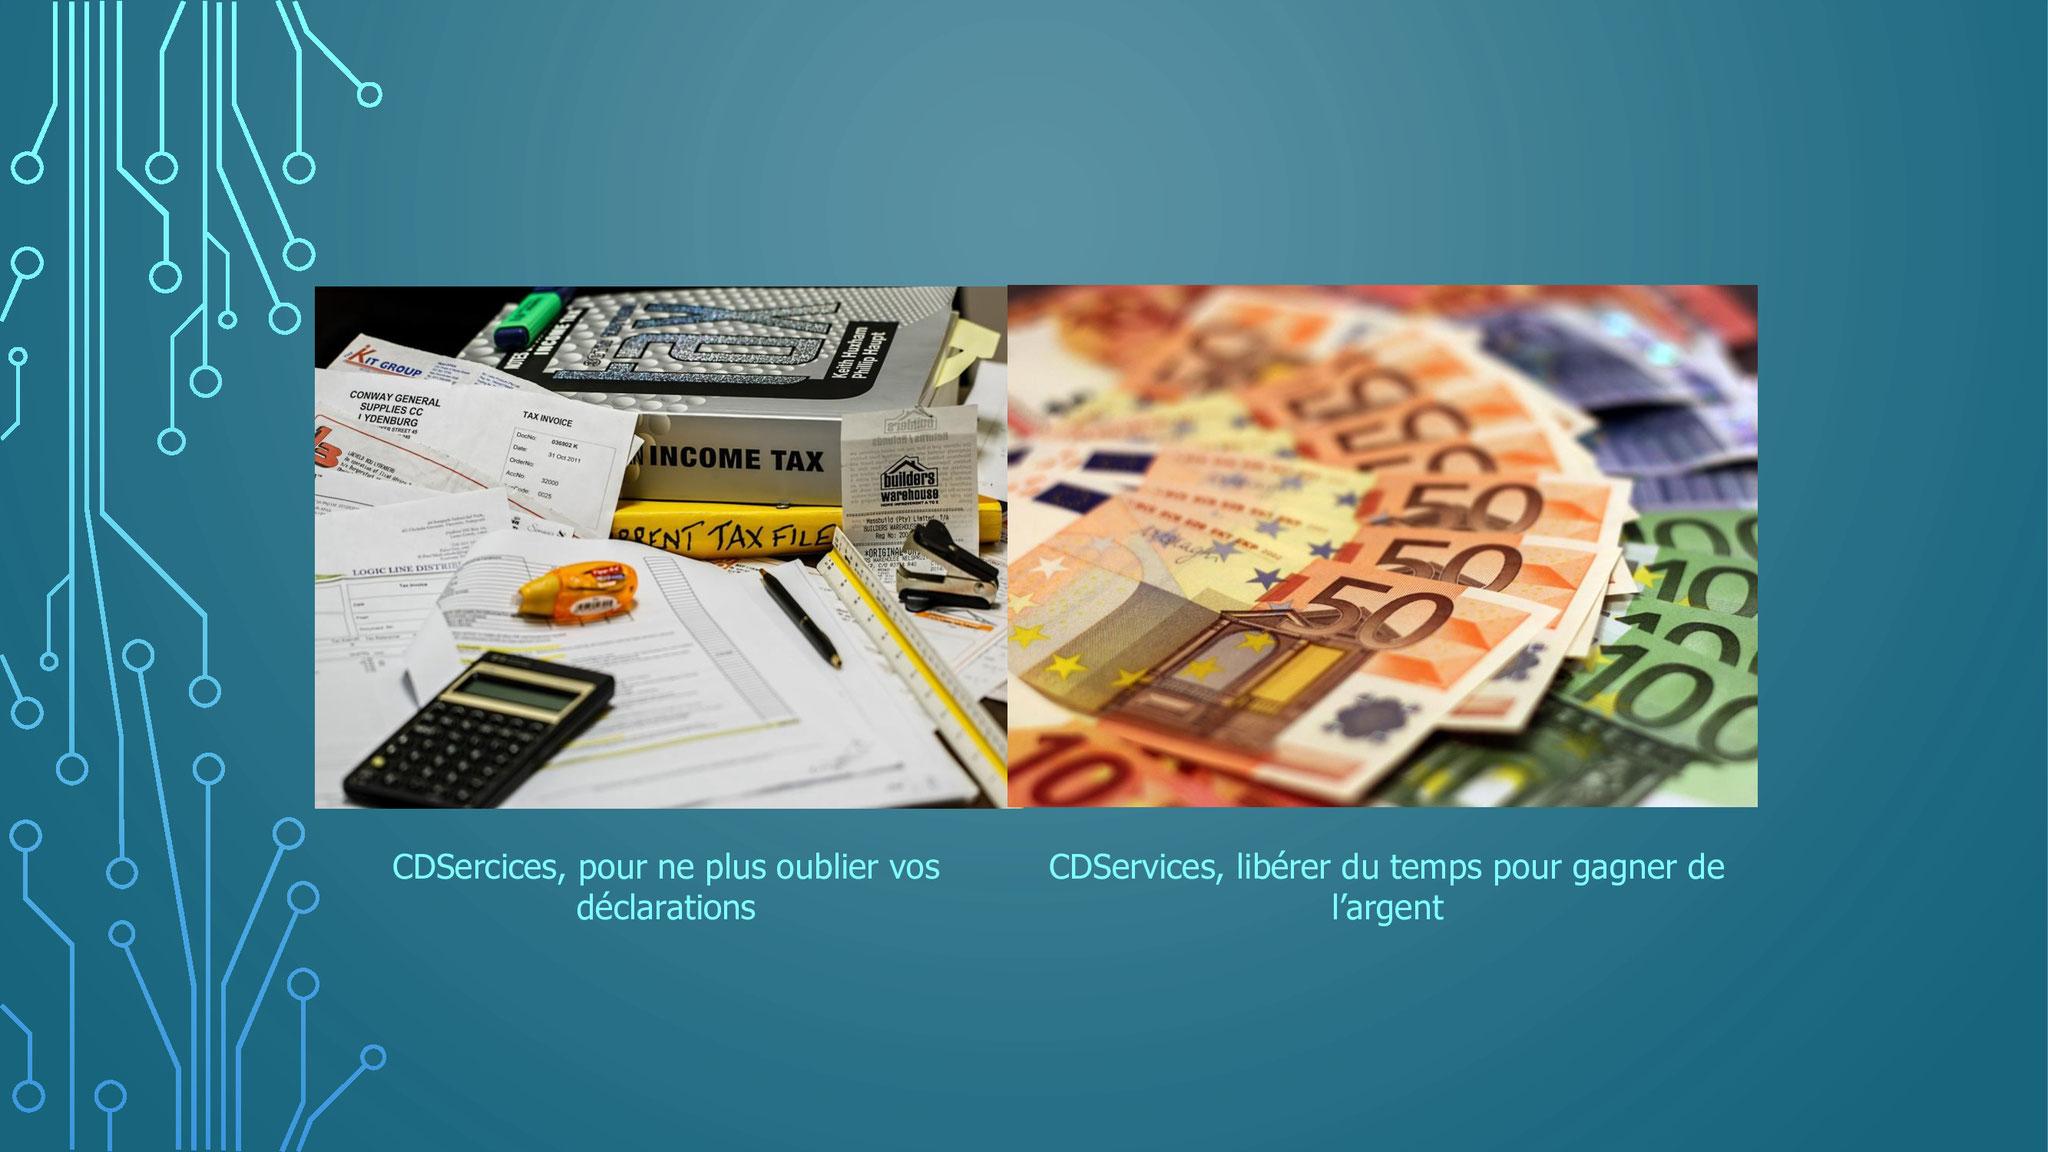 CDServices pour ne plus oublier vos déclarations et libérer du temps pour faire gagner de l'argent à votre entreprise